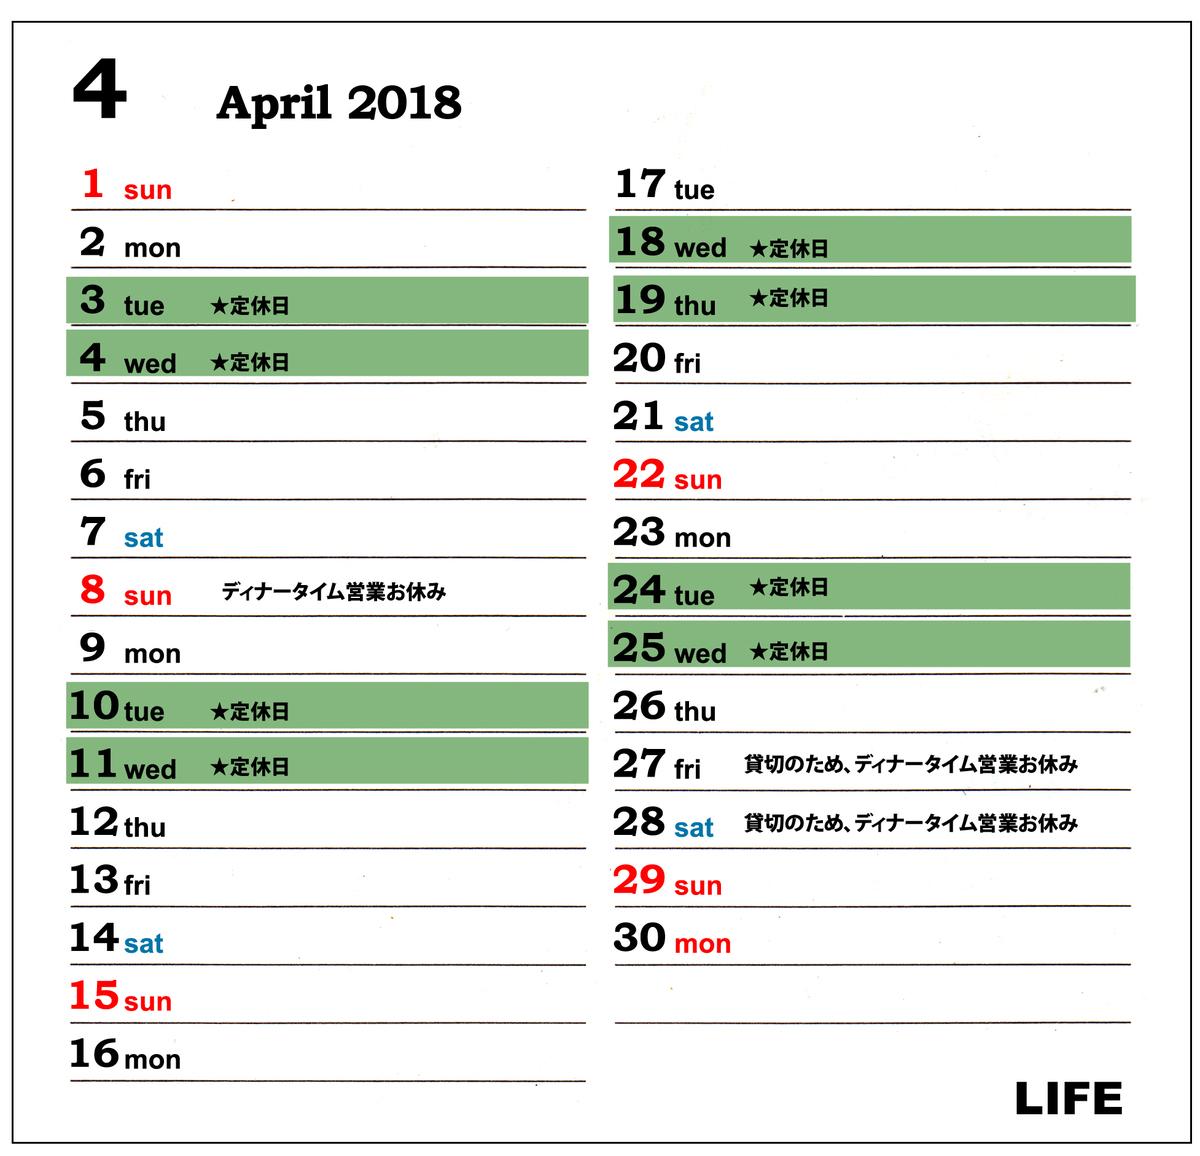 4 월 이벤트 캘린더